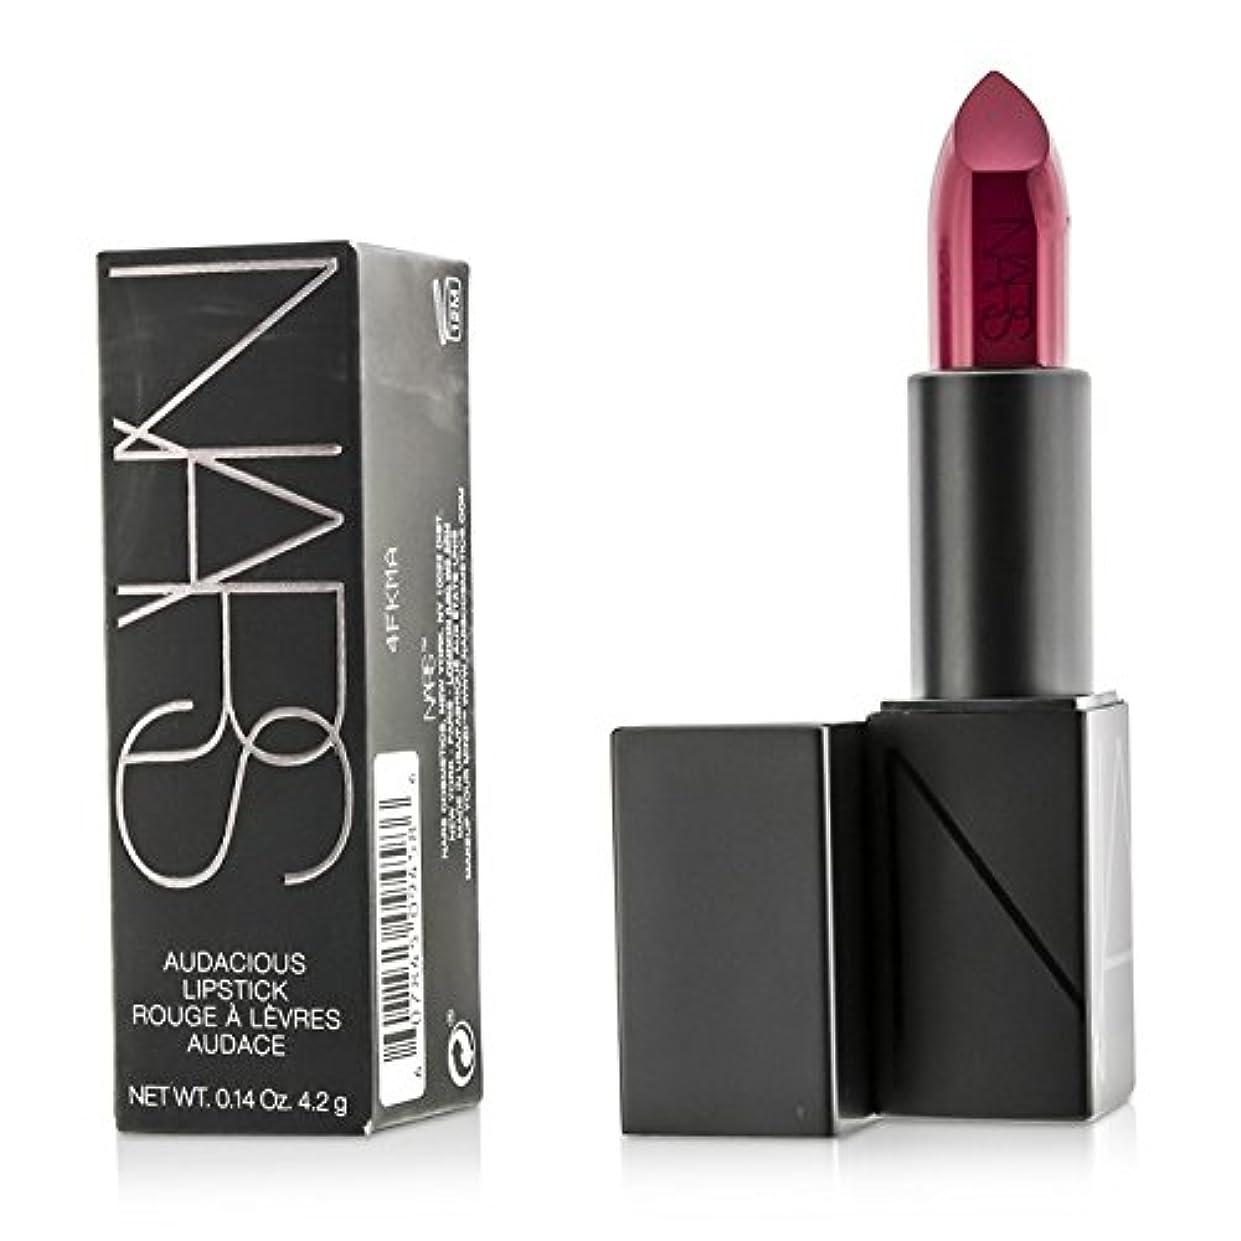 更新アルプスアーティストナーズ Audacious Lipstick - Audrey 4.2g/0.14oz並行輸入品